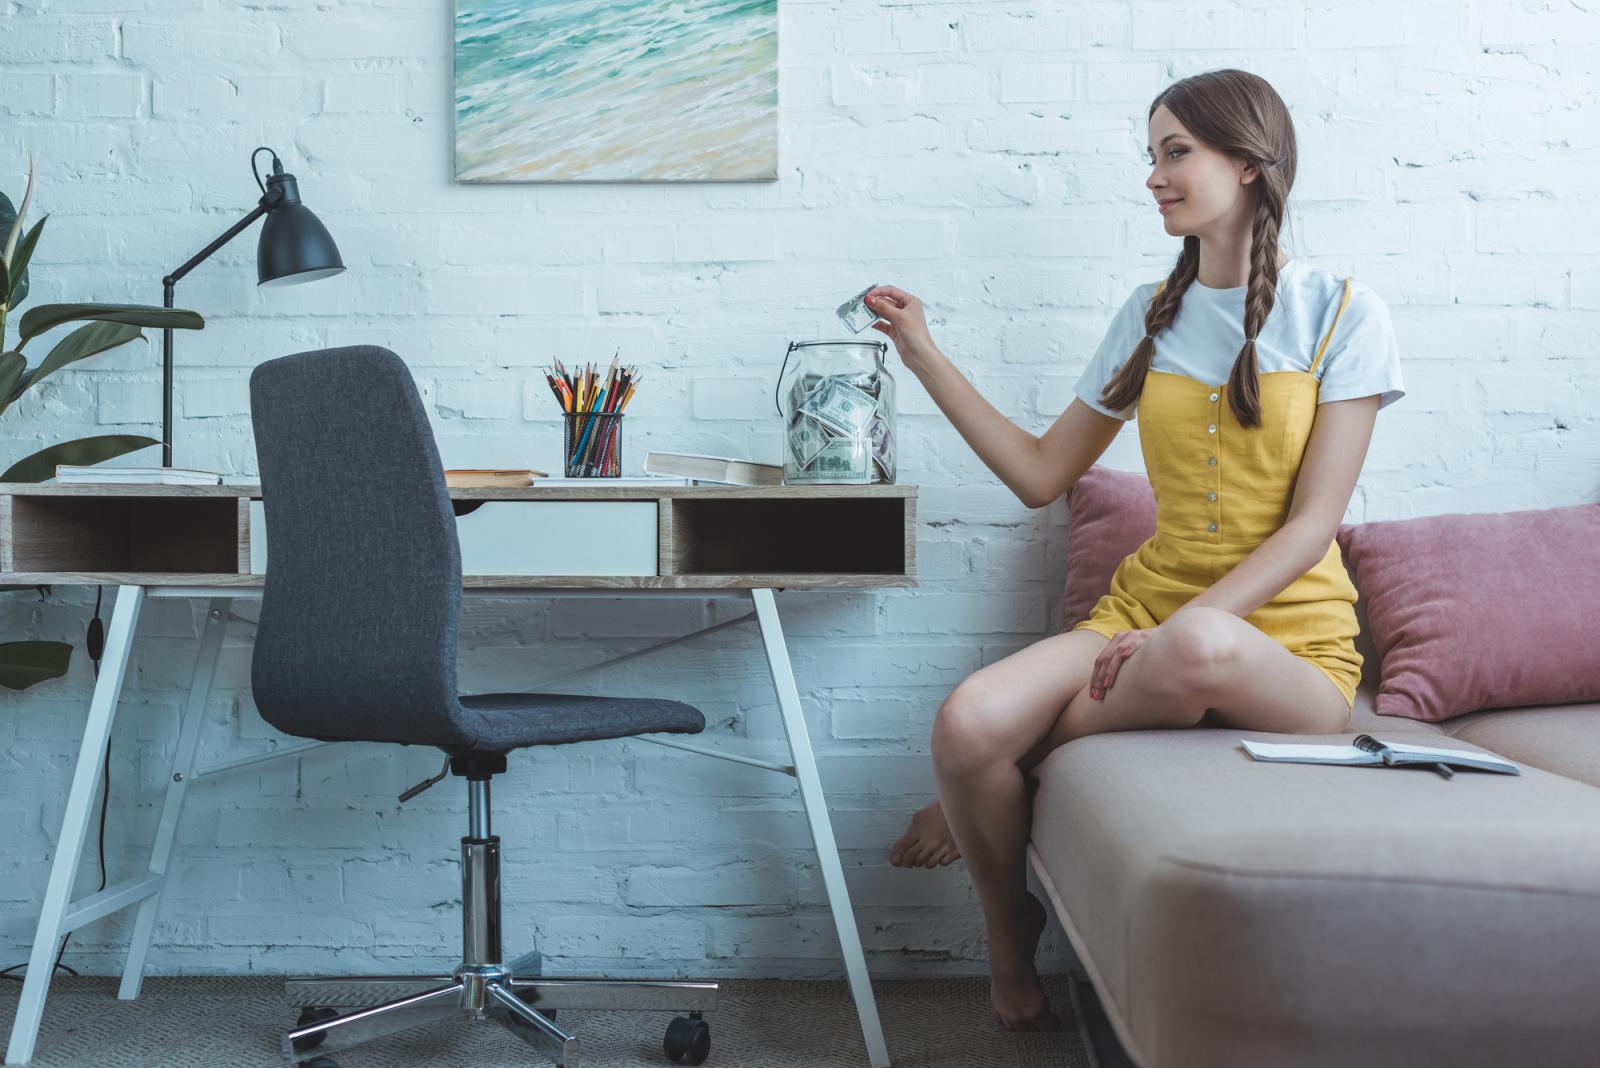 Ezért éri meg nagytakarítani: 3 dolog az otthonodban, amiből azonnal pénzt csinálhatsz